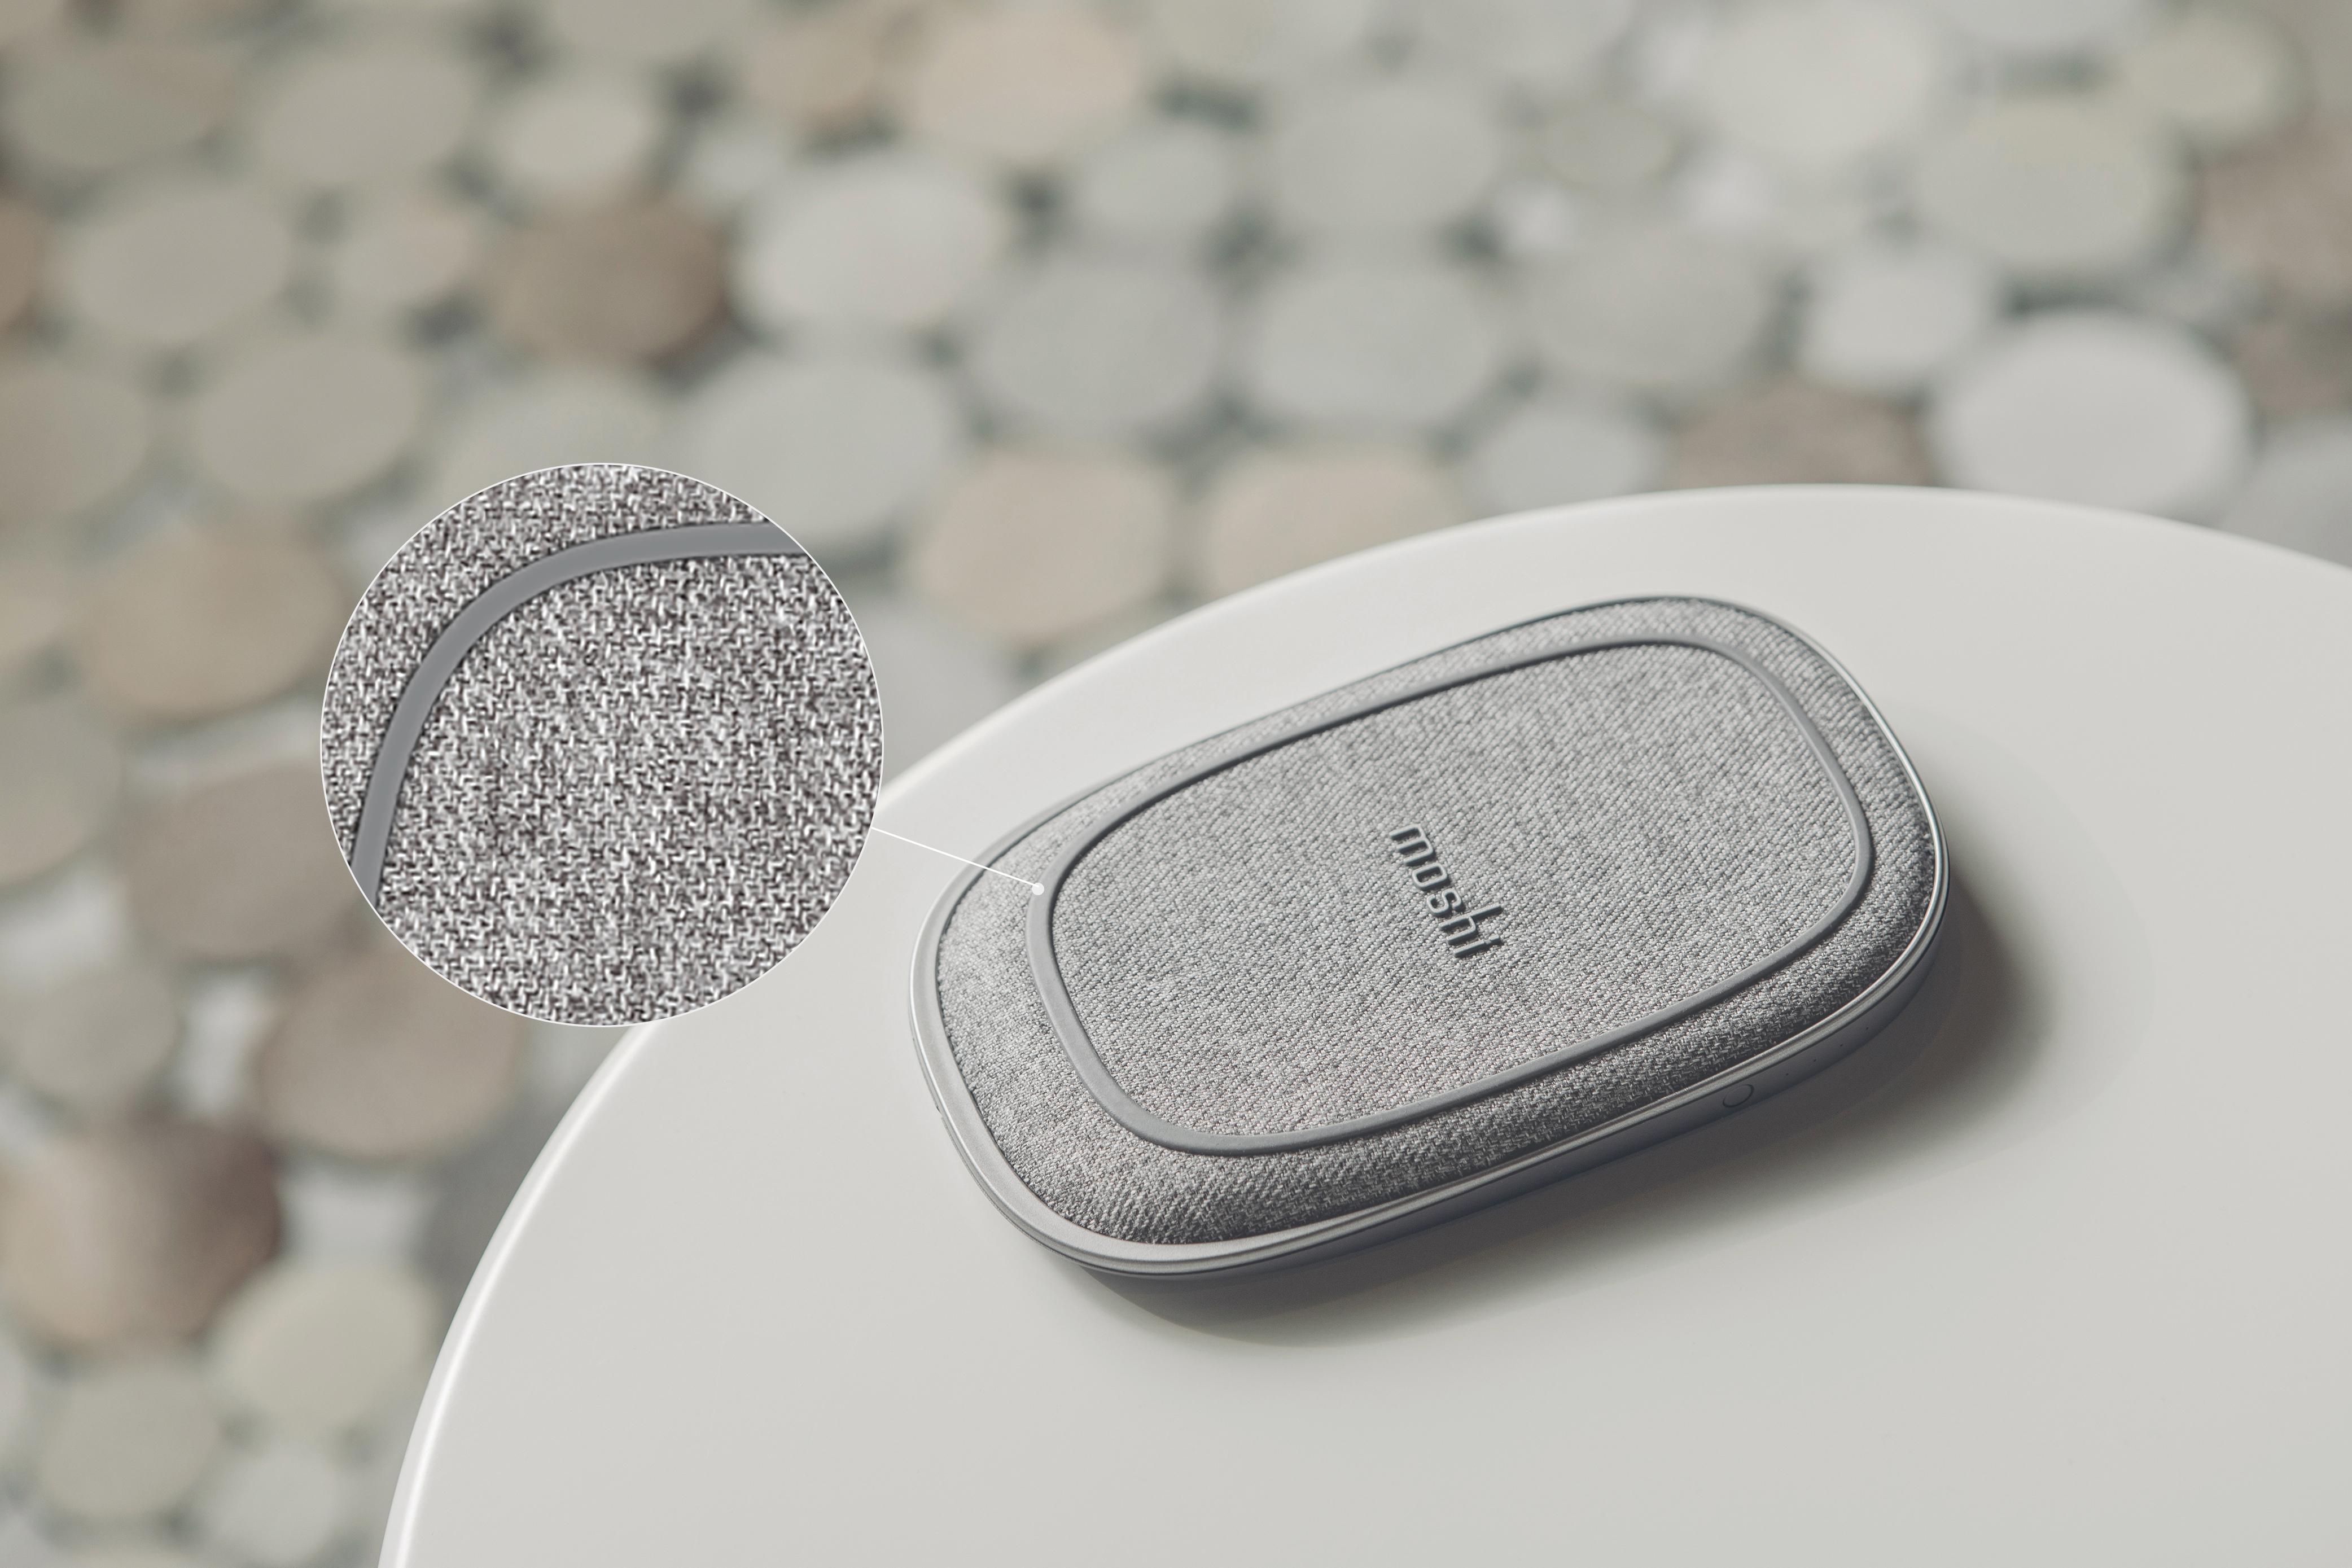 Porto Q 5K amortit votre téléphone avec sa finition souple, tandis qu'un anneau de surface en silicone accueille votre téléphone en toute sécurité.